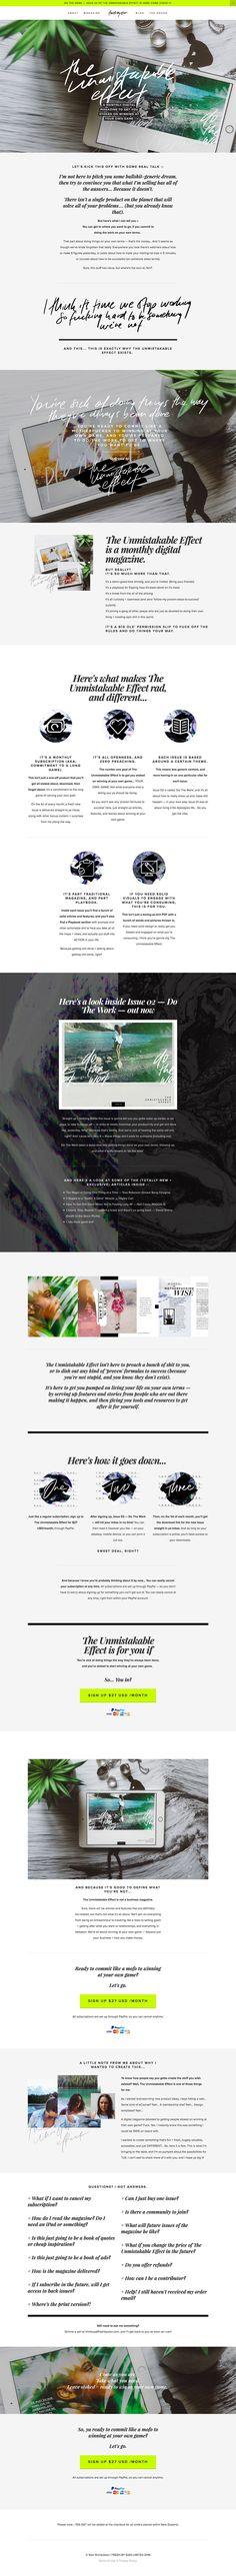 inspo sales page magacine